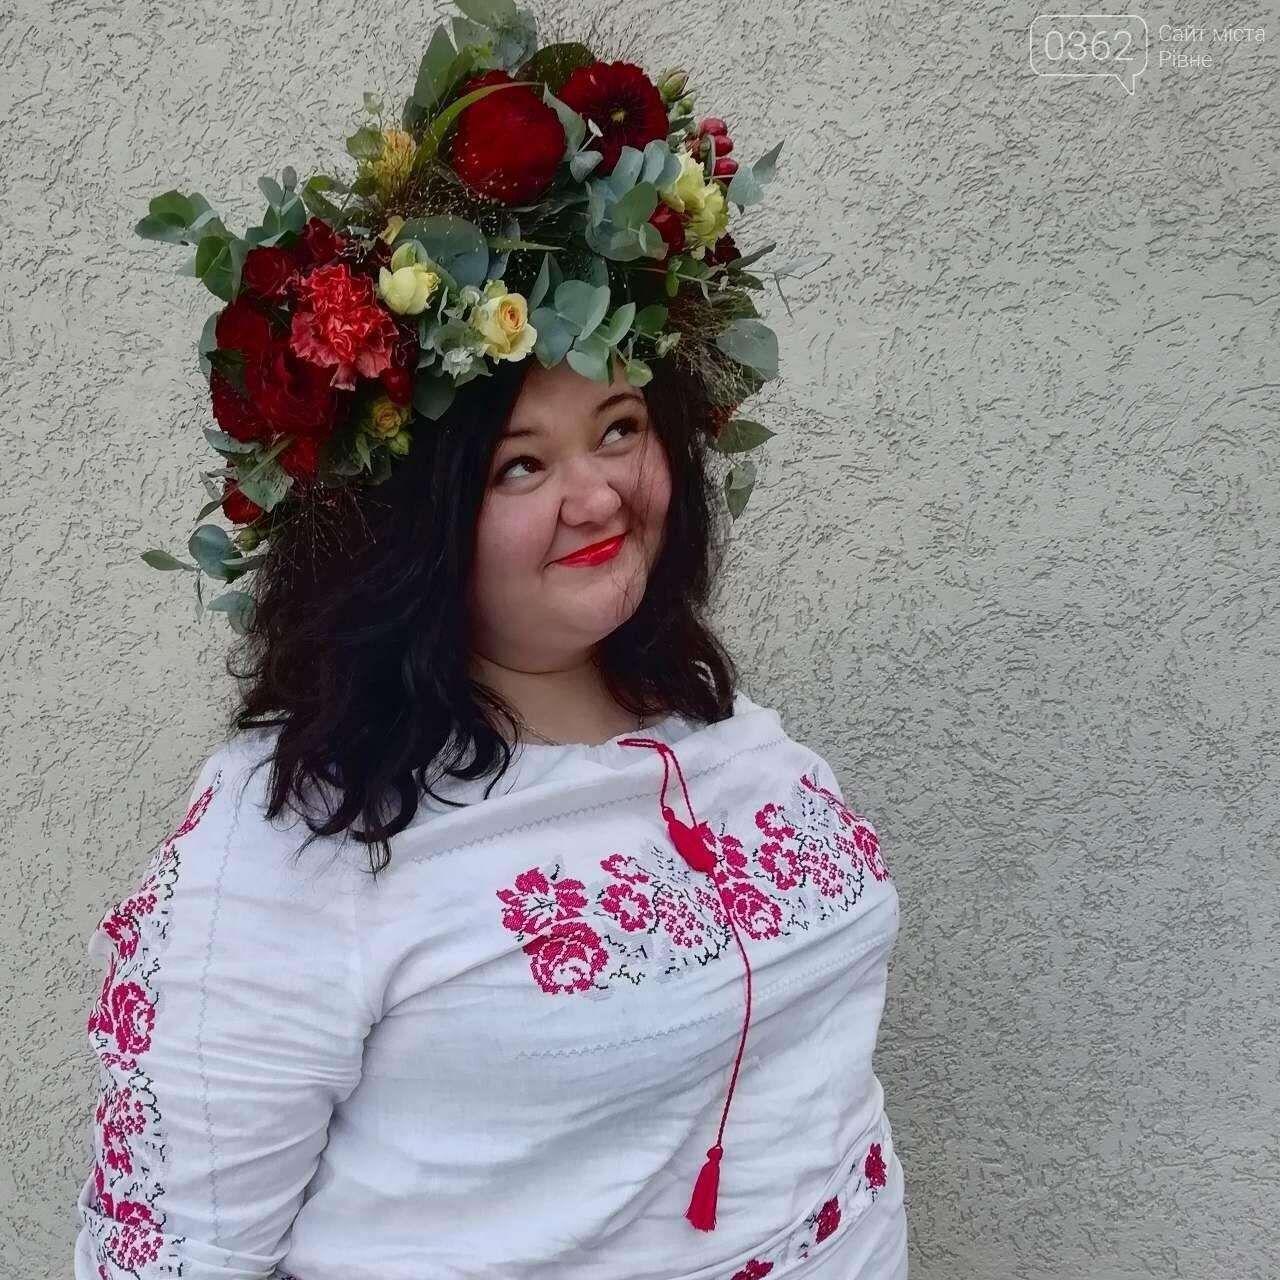 Найпрекрасніші спогади та романтичні почуття подарує квітковий магазин «Розалія» у Рівному  , фото-3